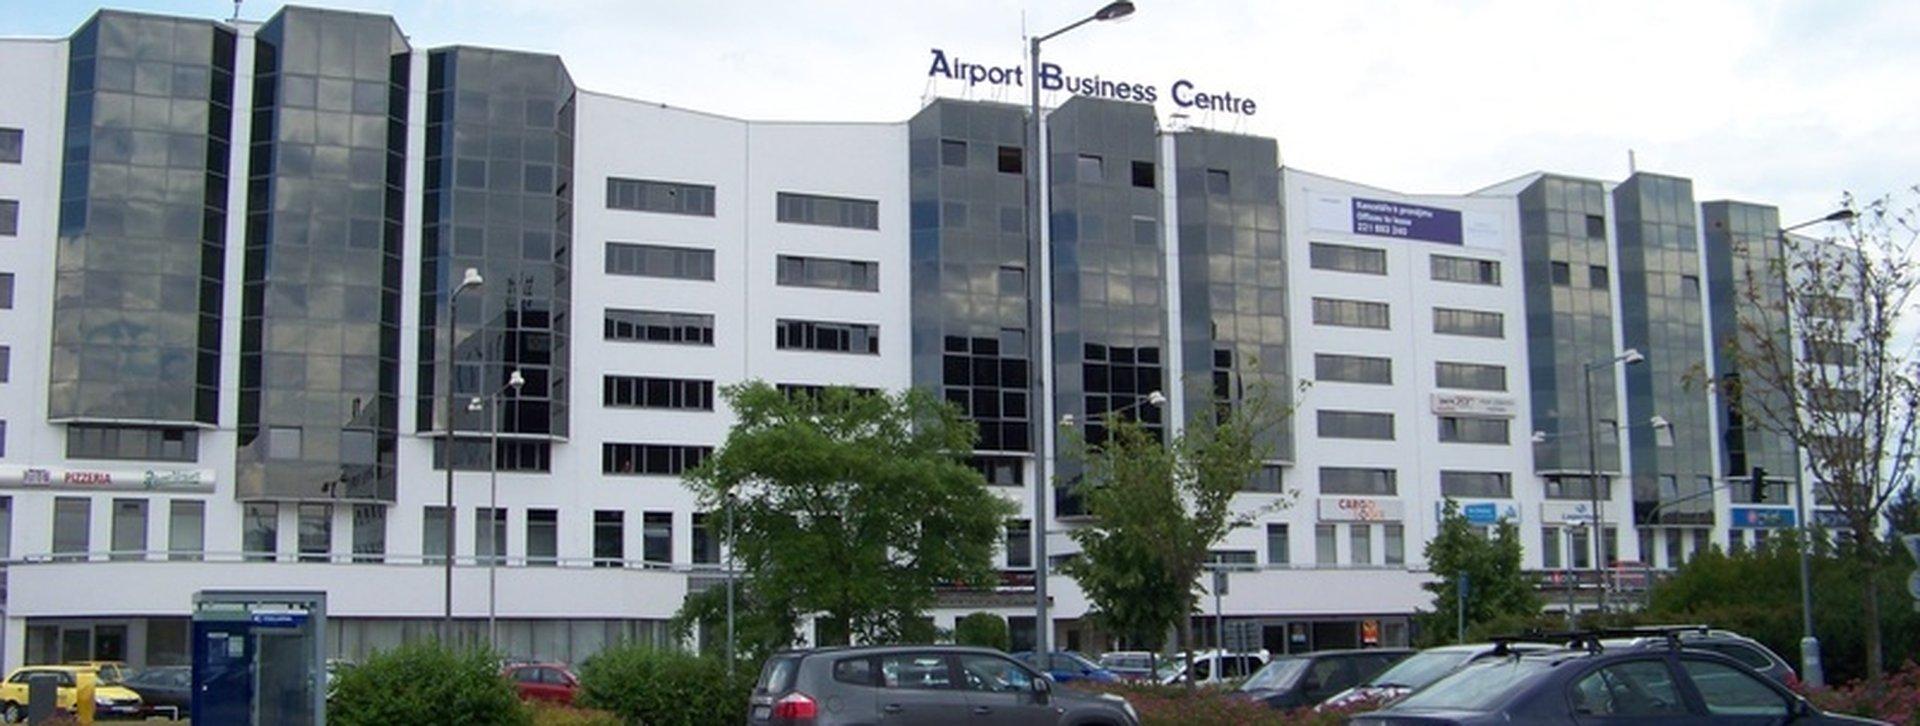 Letiště_Ruzyně,_Airport_Business_Centre